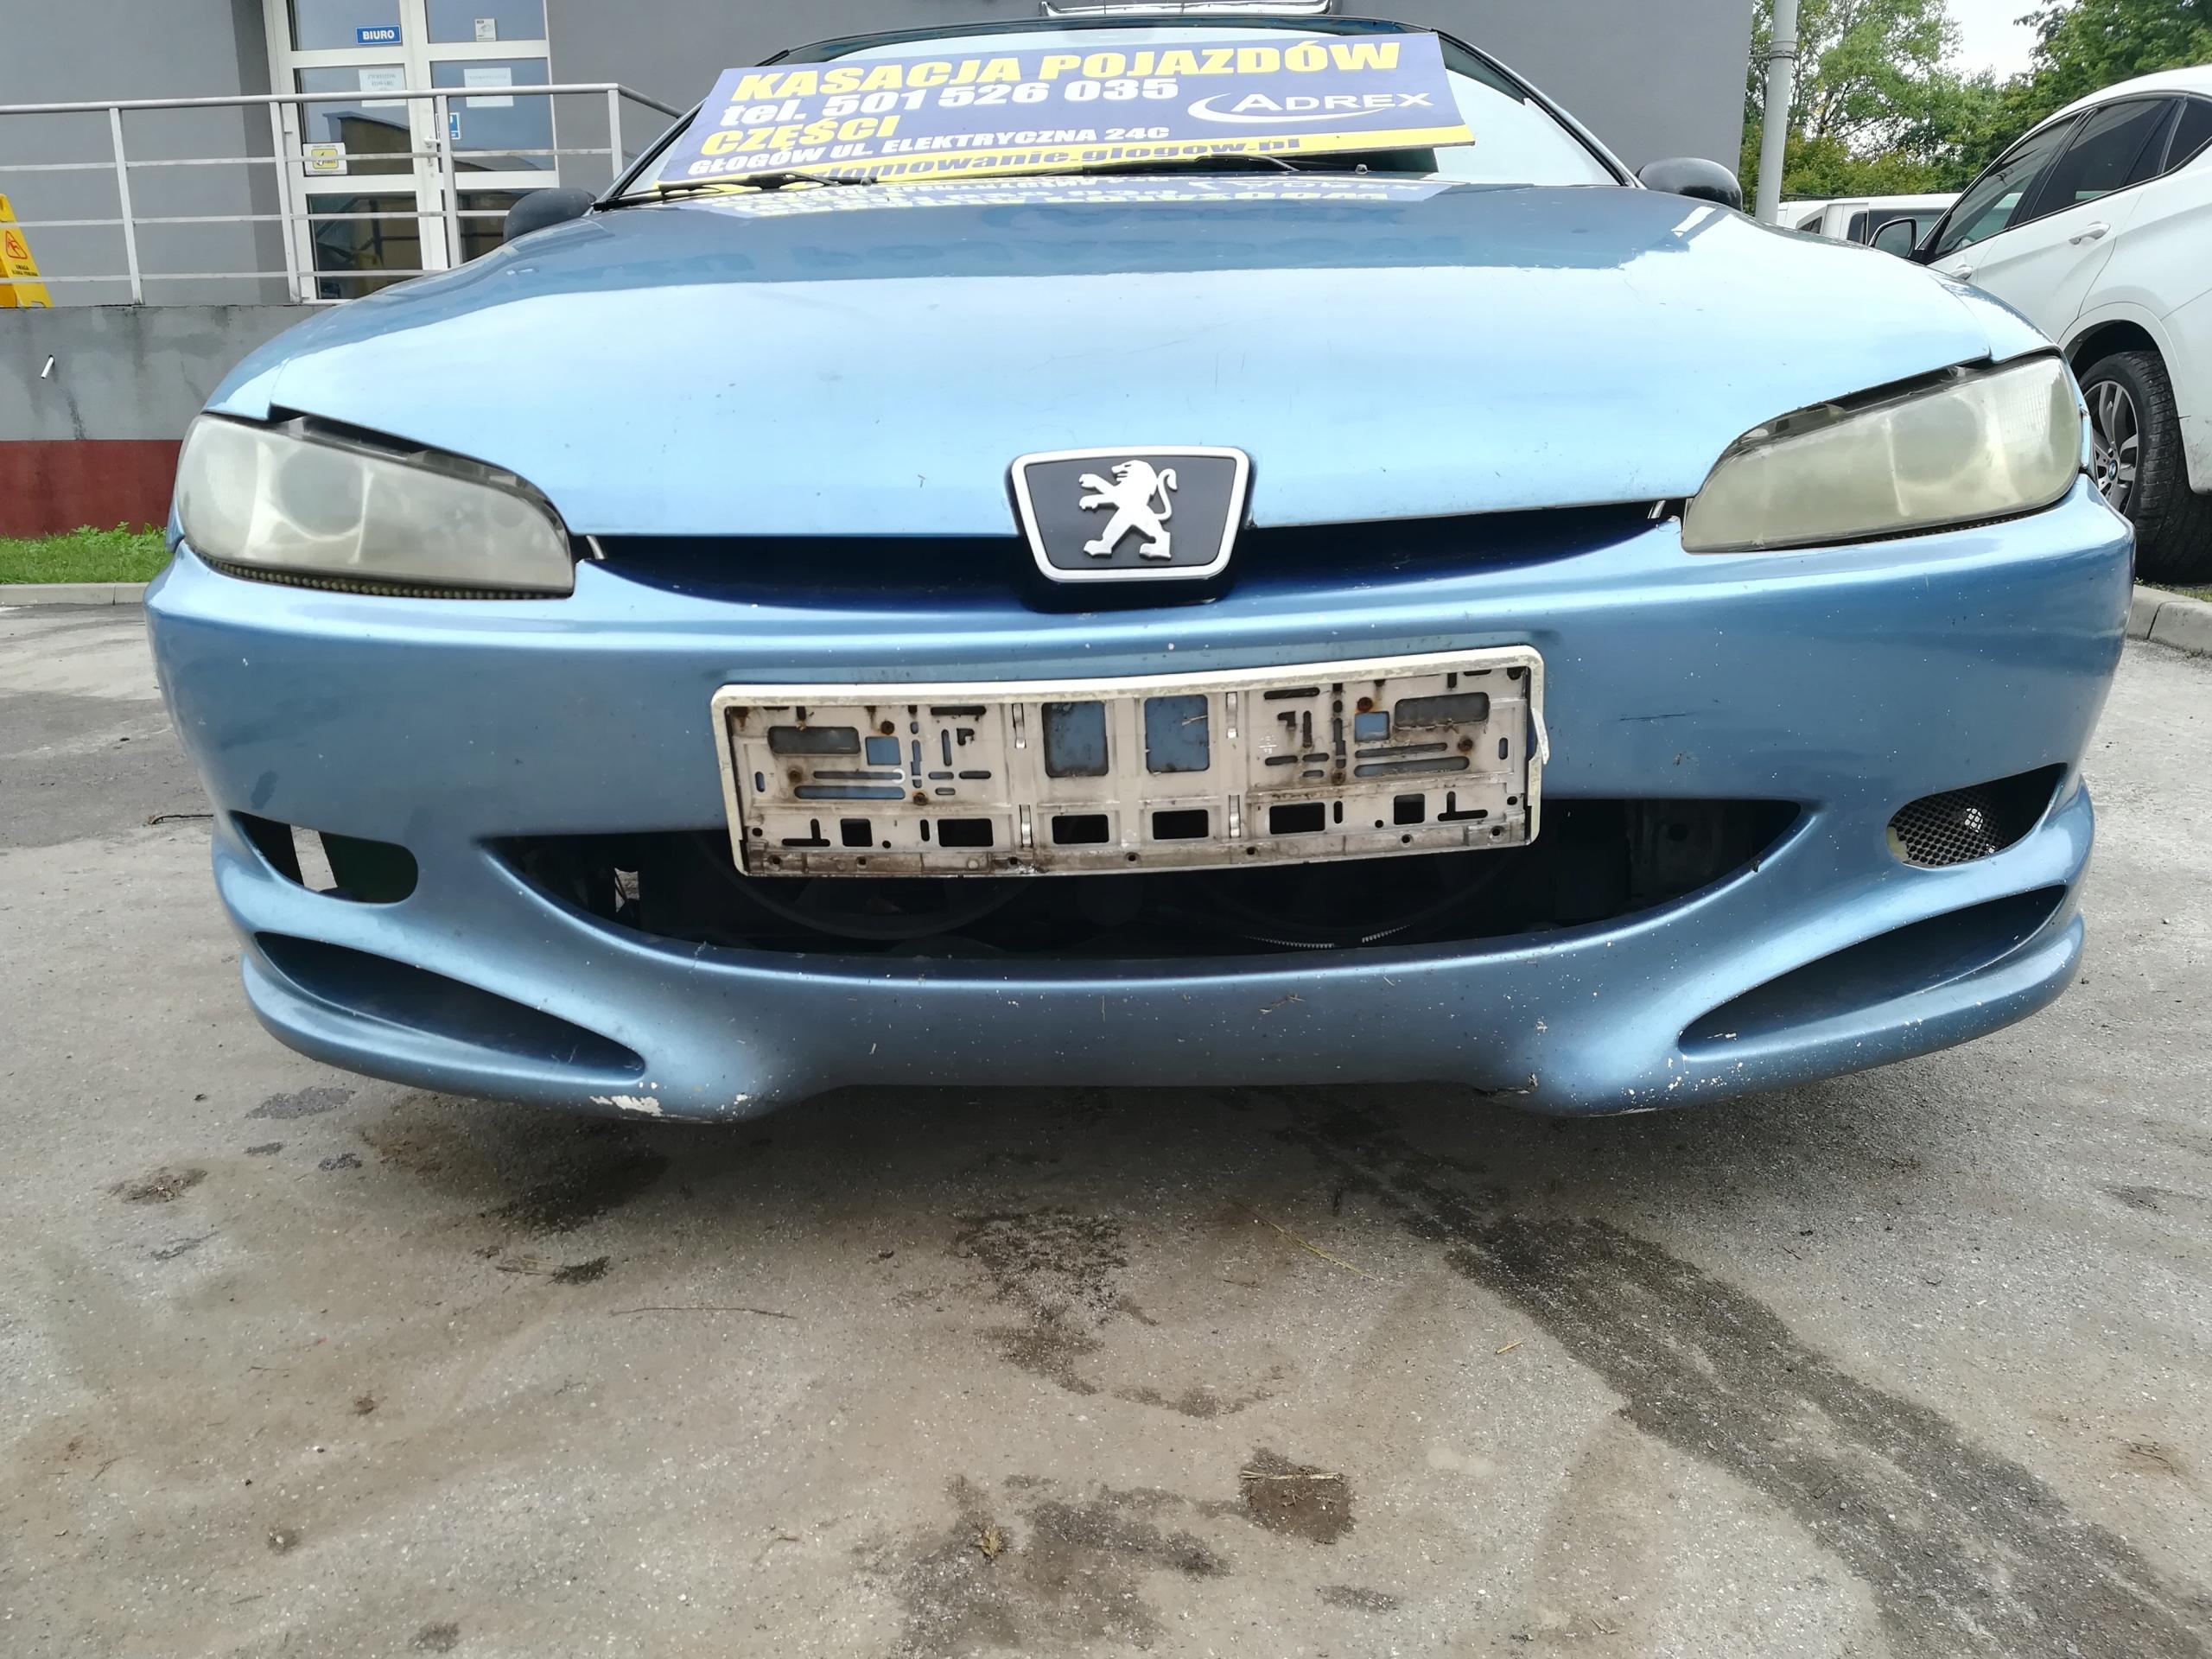 Przedni Zderzak Przod Peugeot 406 Coupe Glogow Allegro Pl